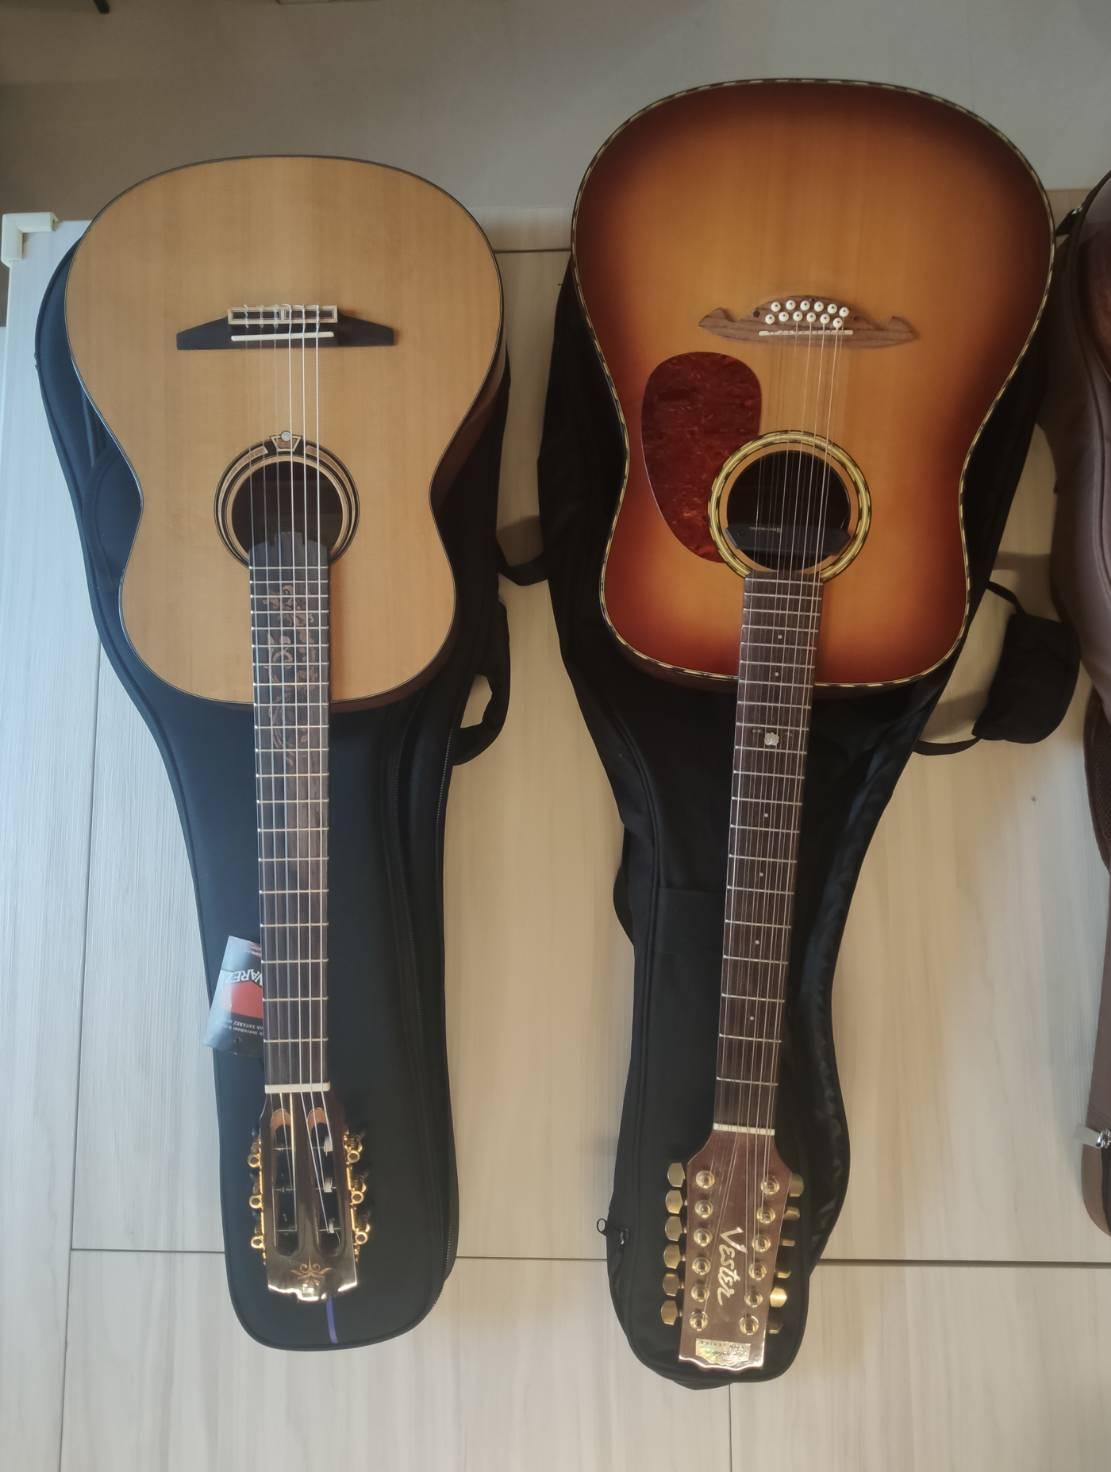 玩膩了的Vester十二絃吉他